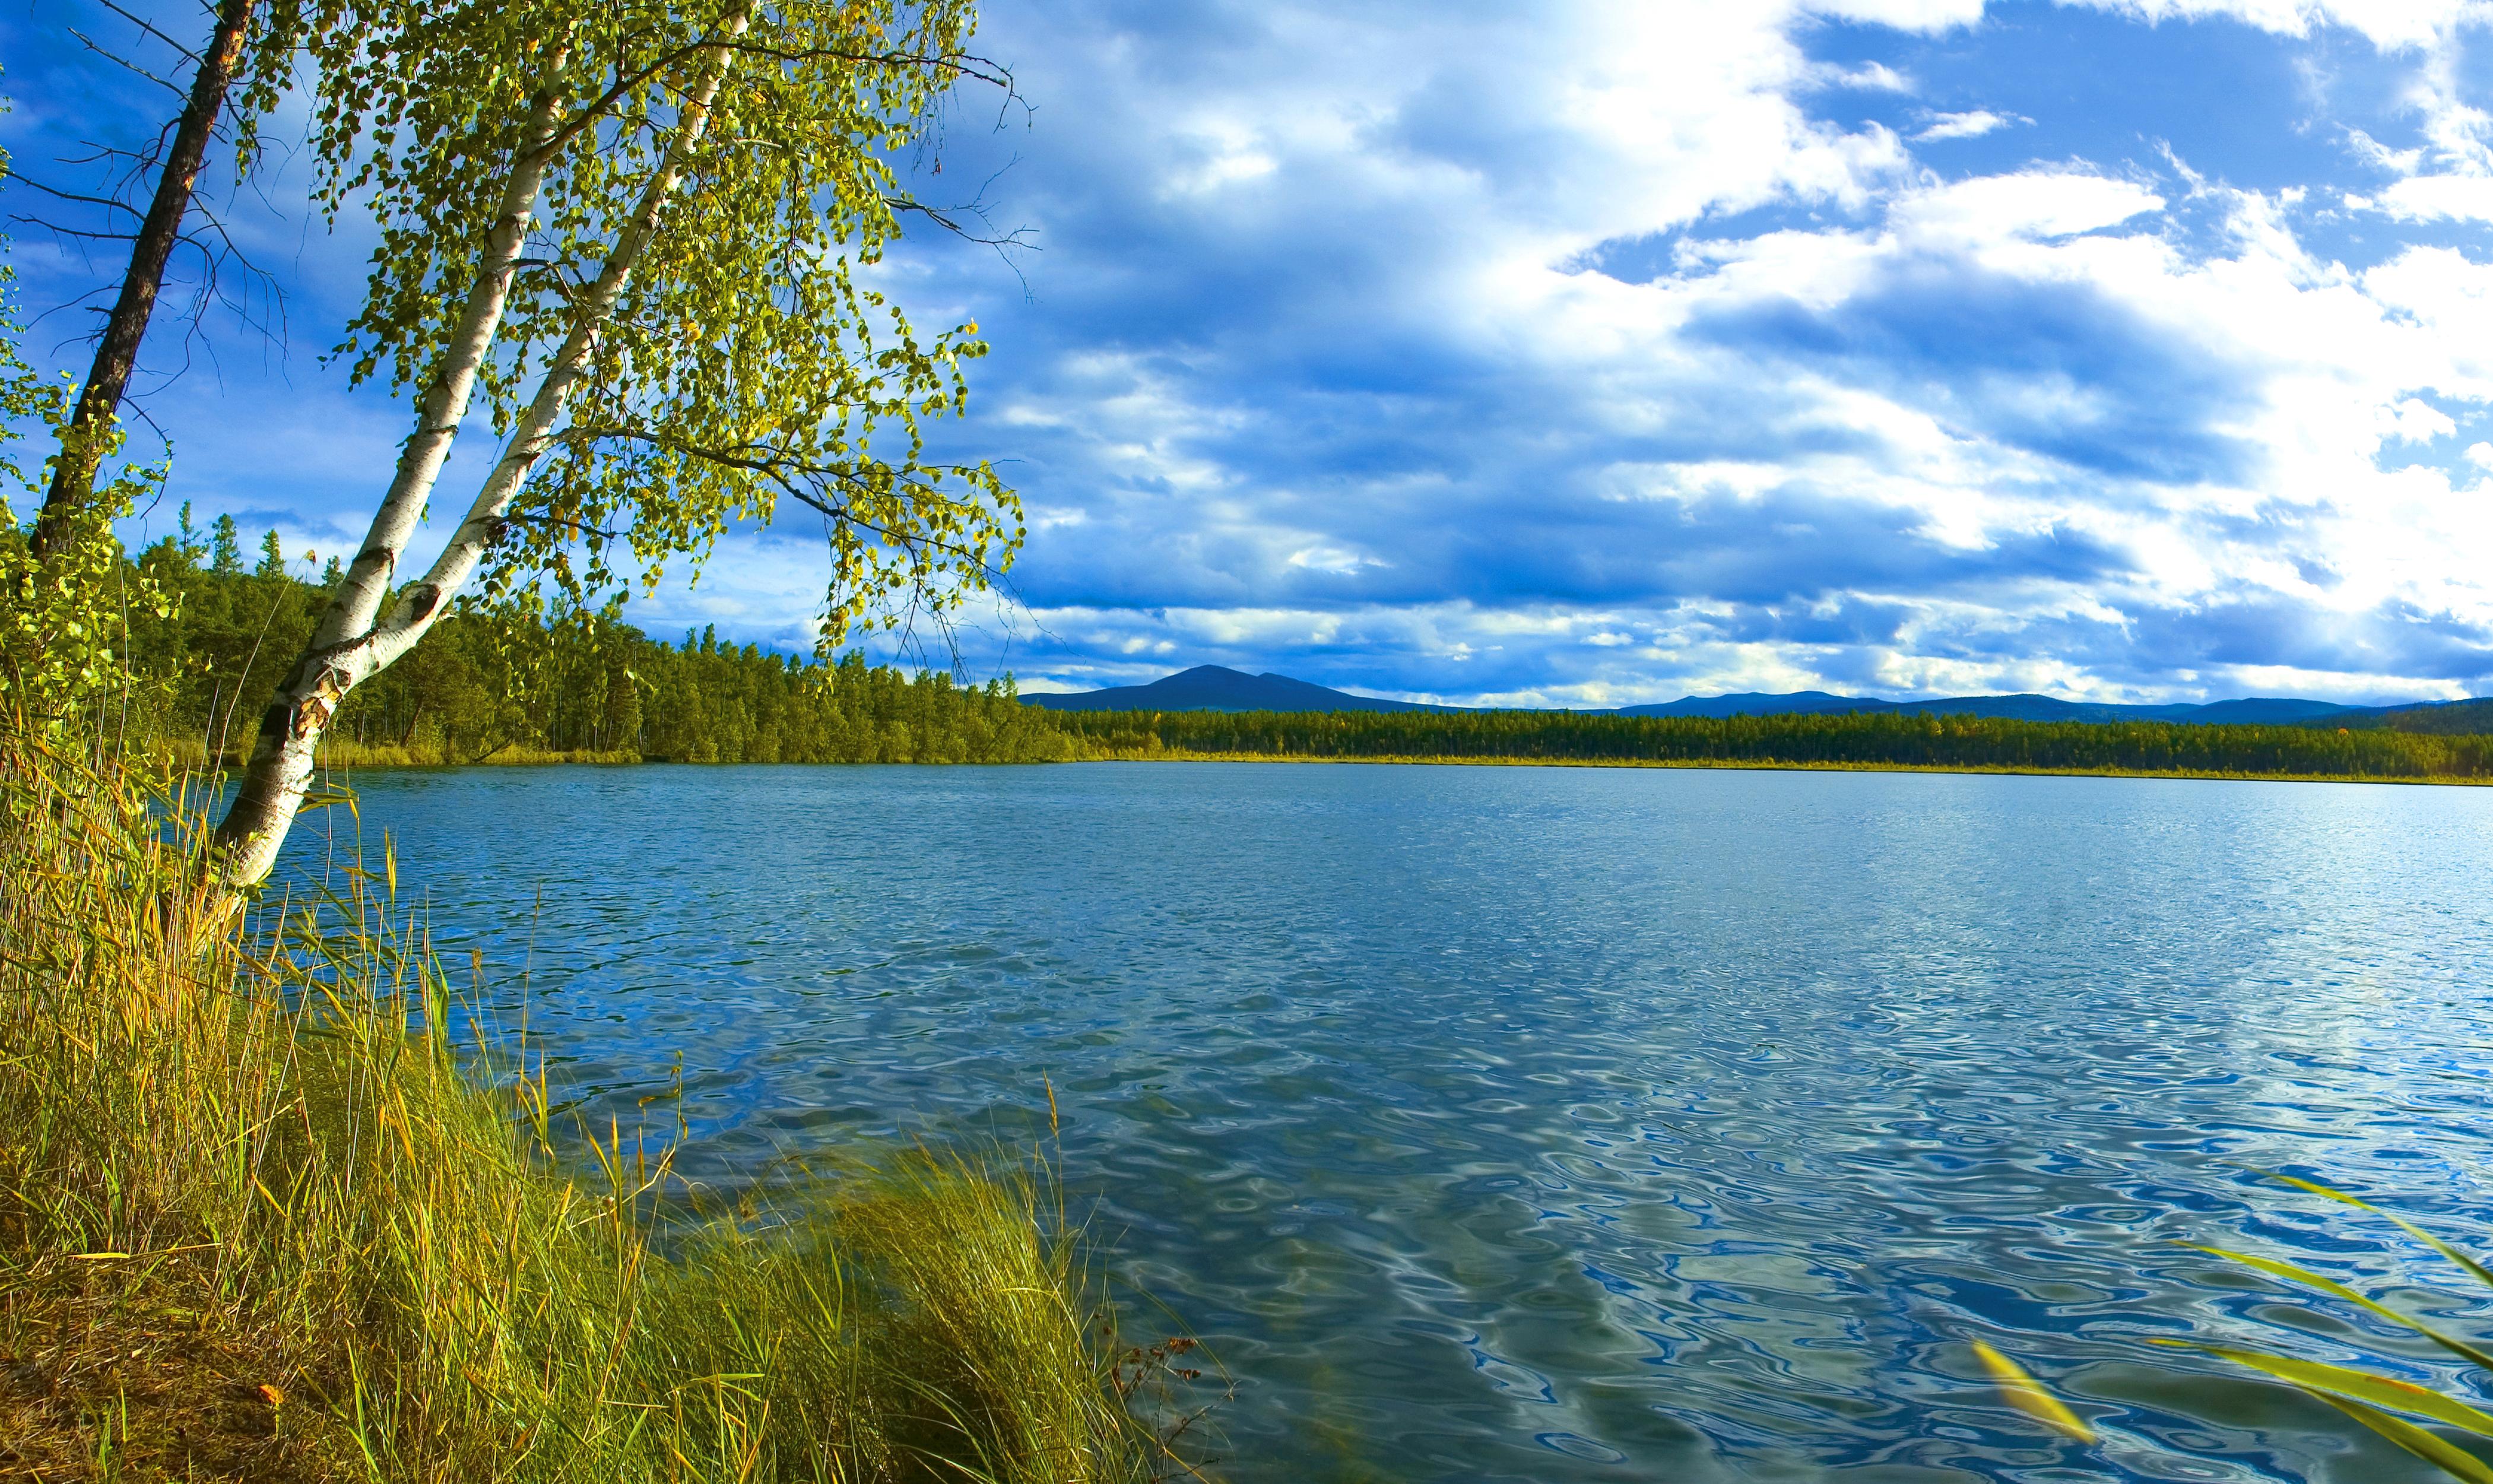 березы берег озеро  № 1195453 загрузить